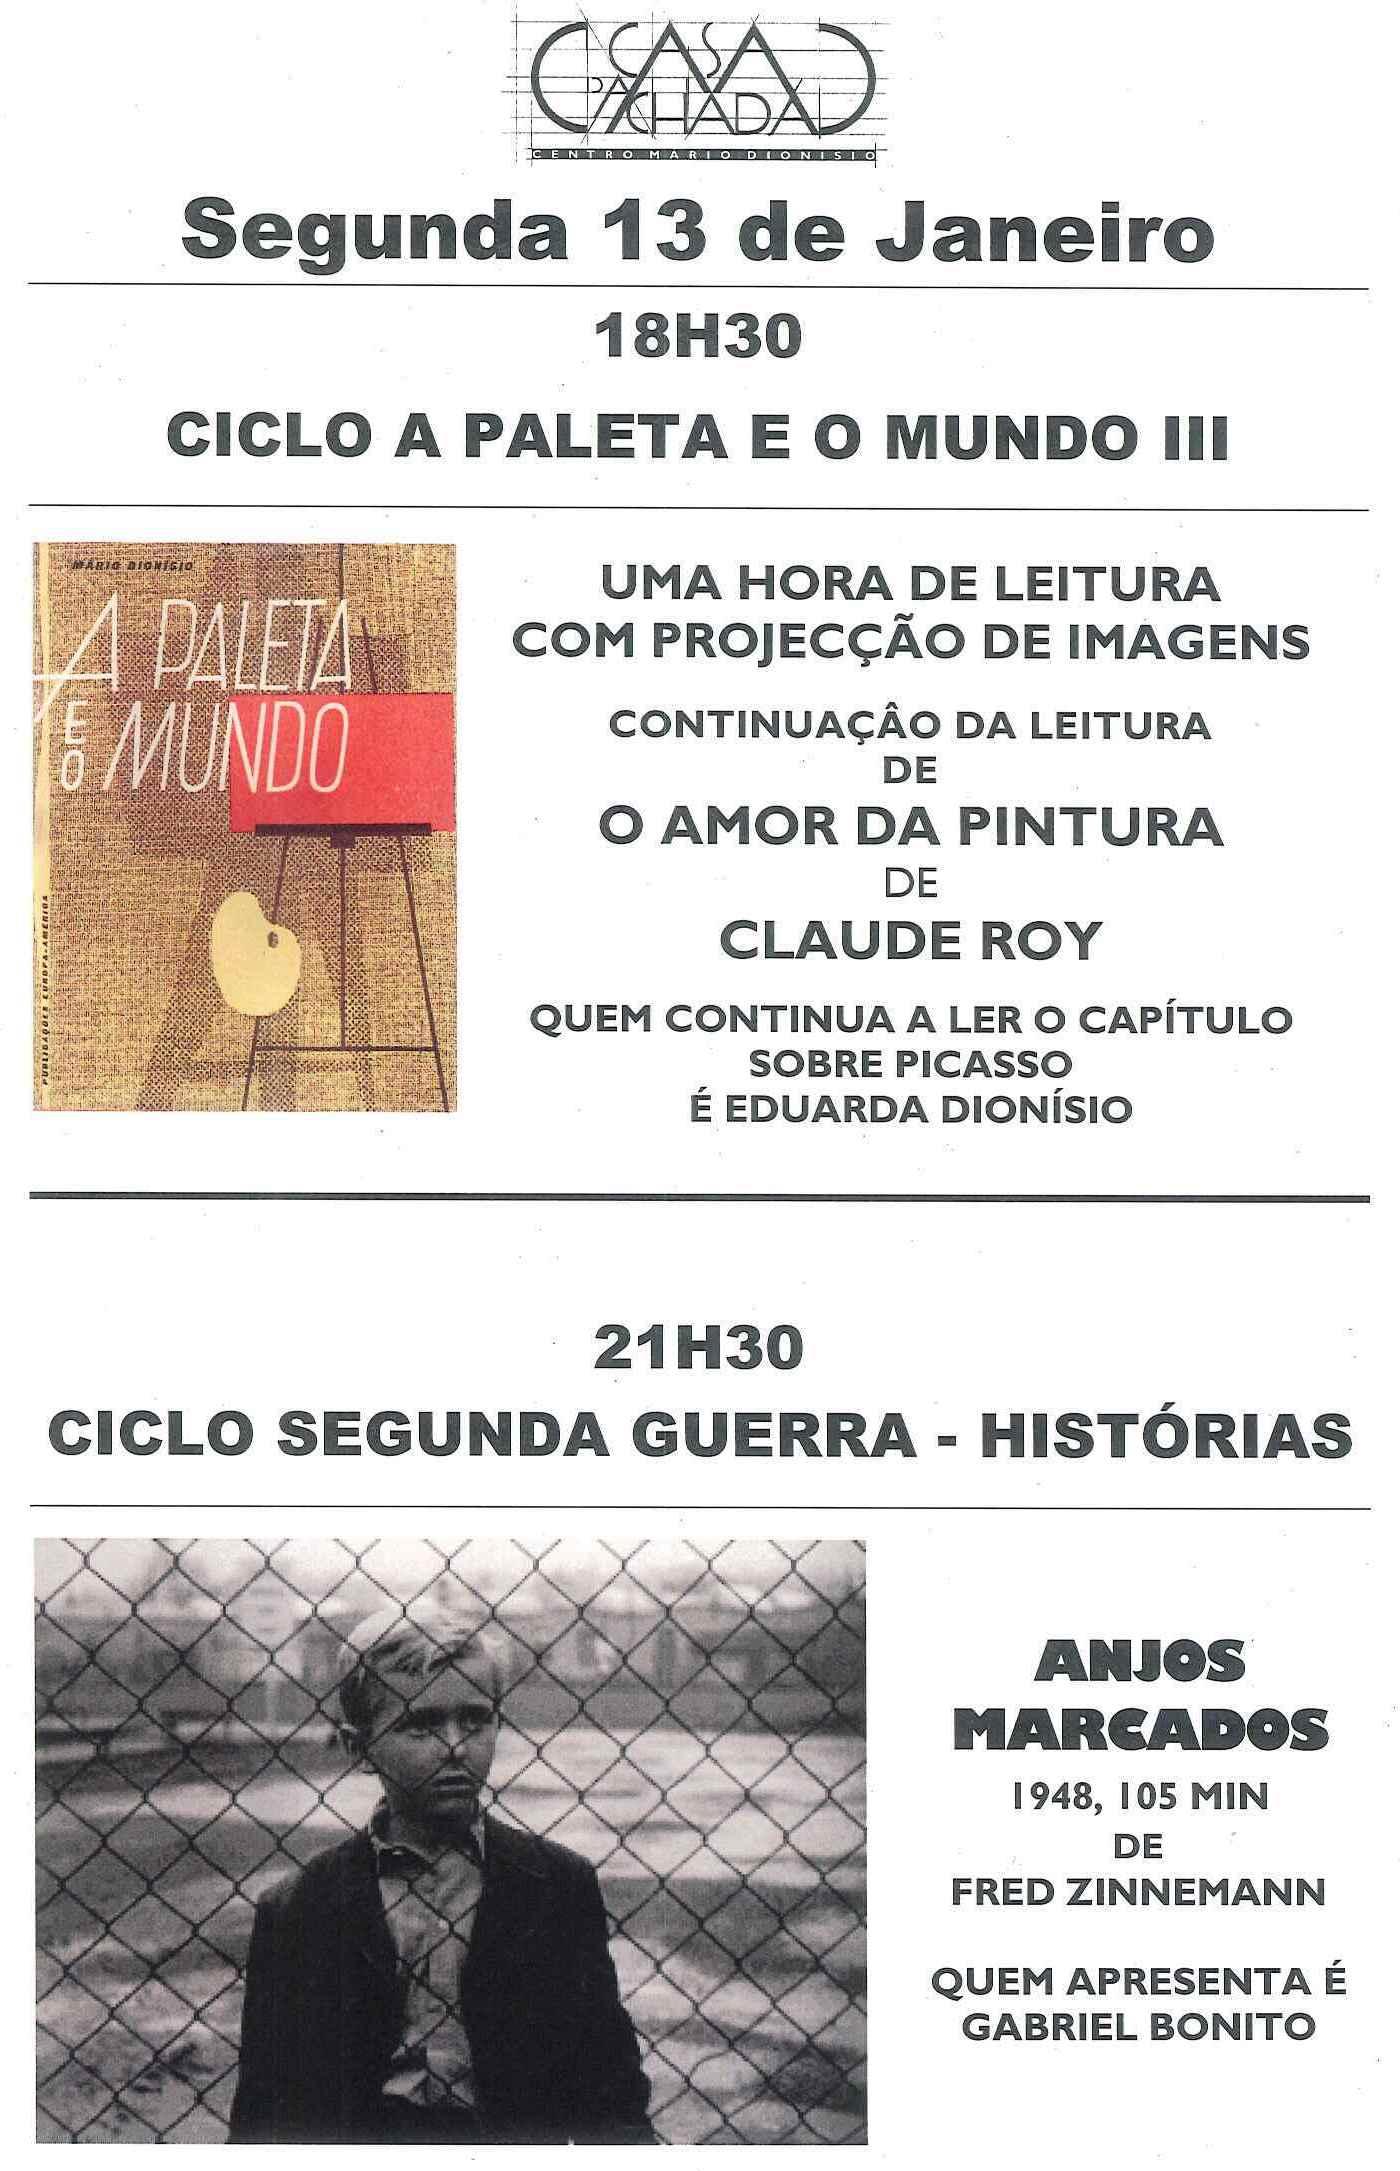 CARTAZ SEGUNDA 13 JANEIRO 14